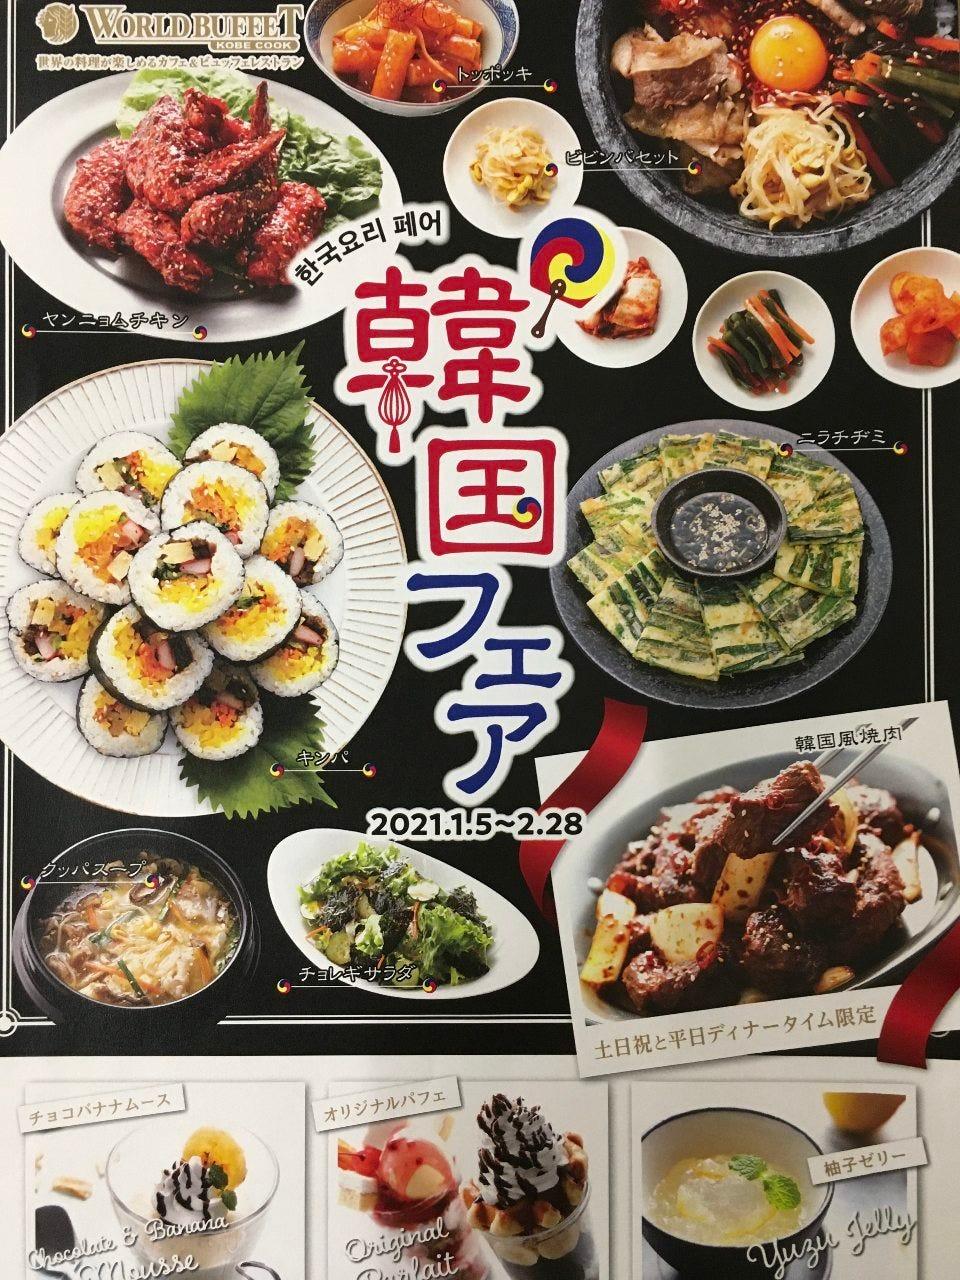 神戸クック・ワールドビュッフェ ザザシティ浜松店